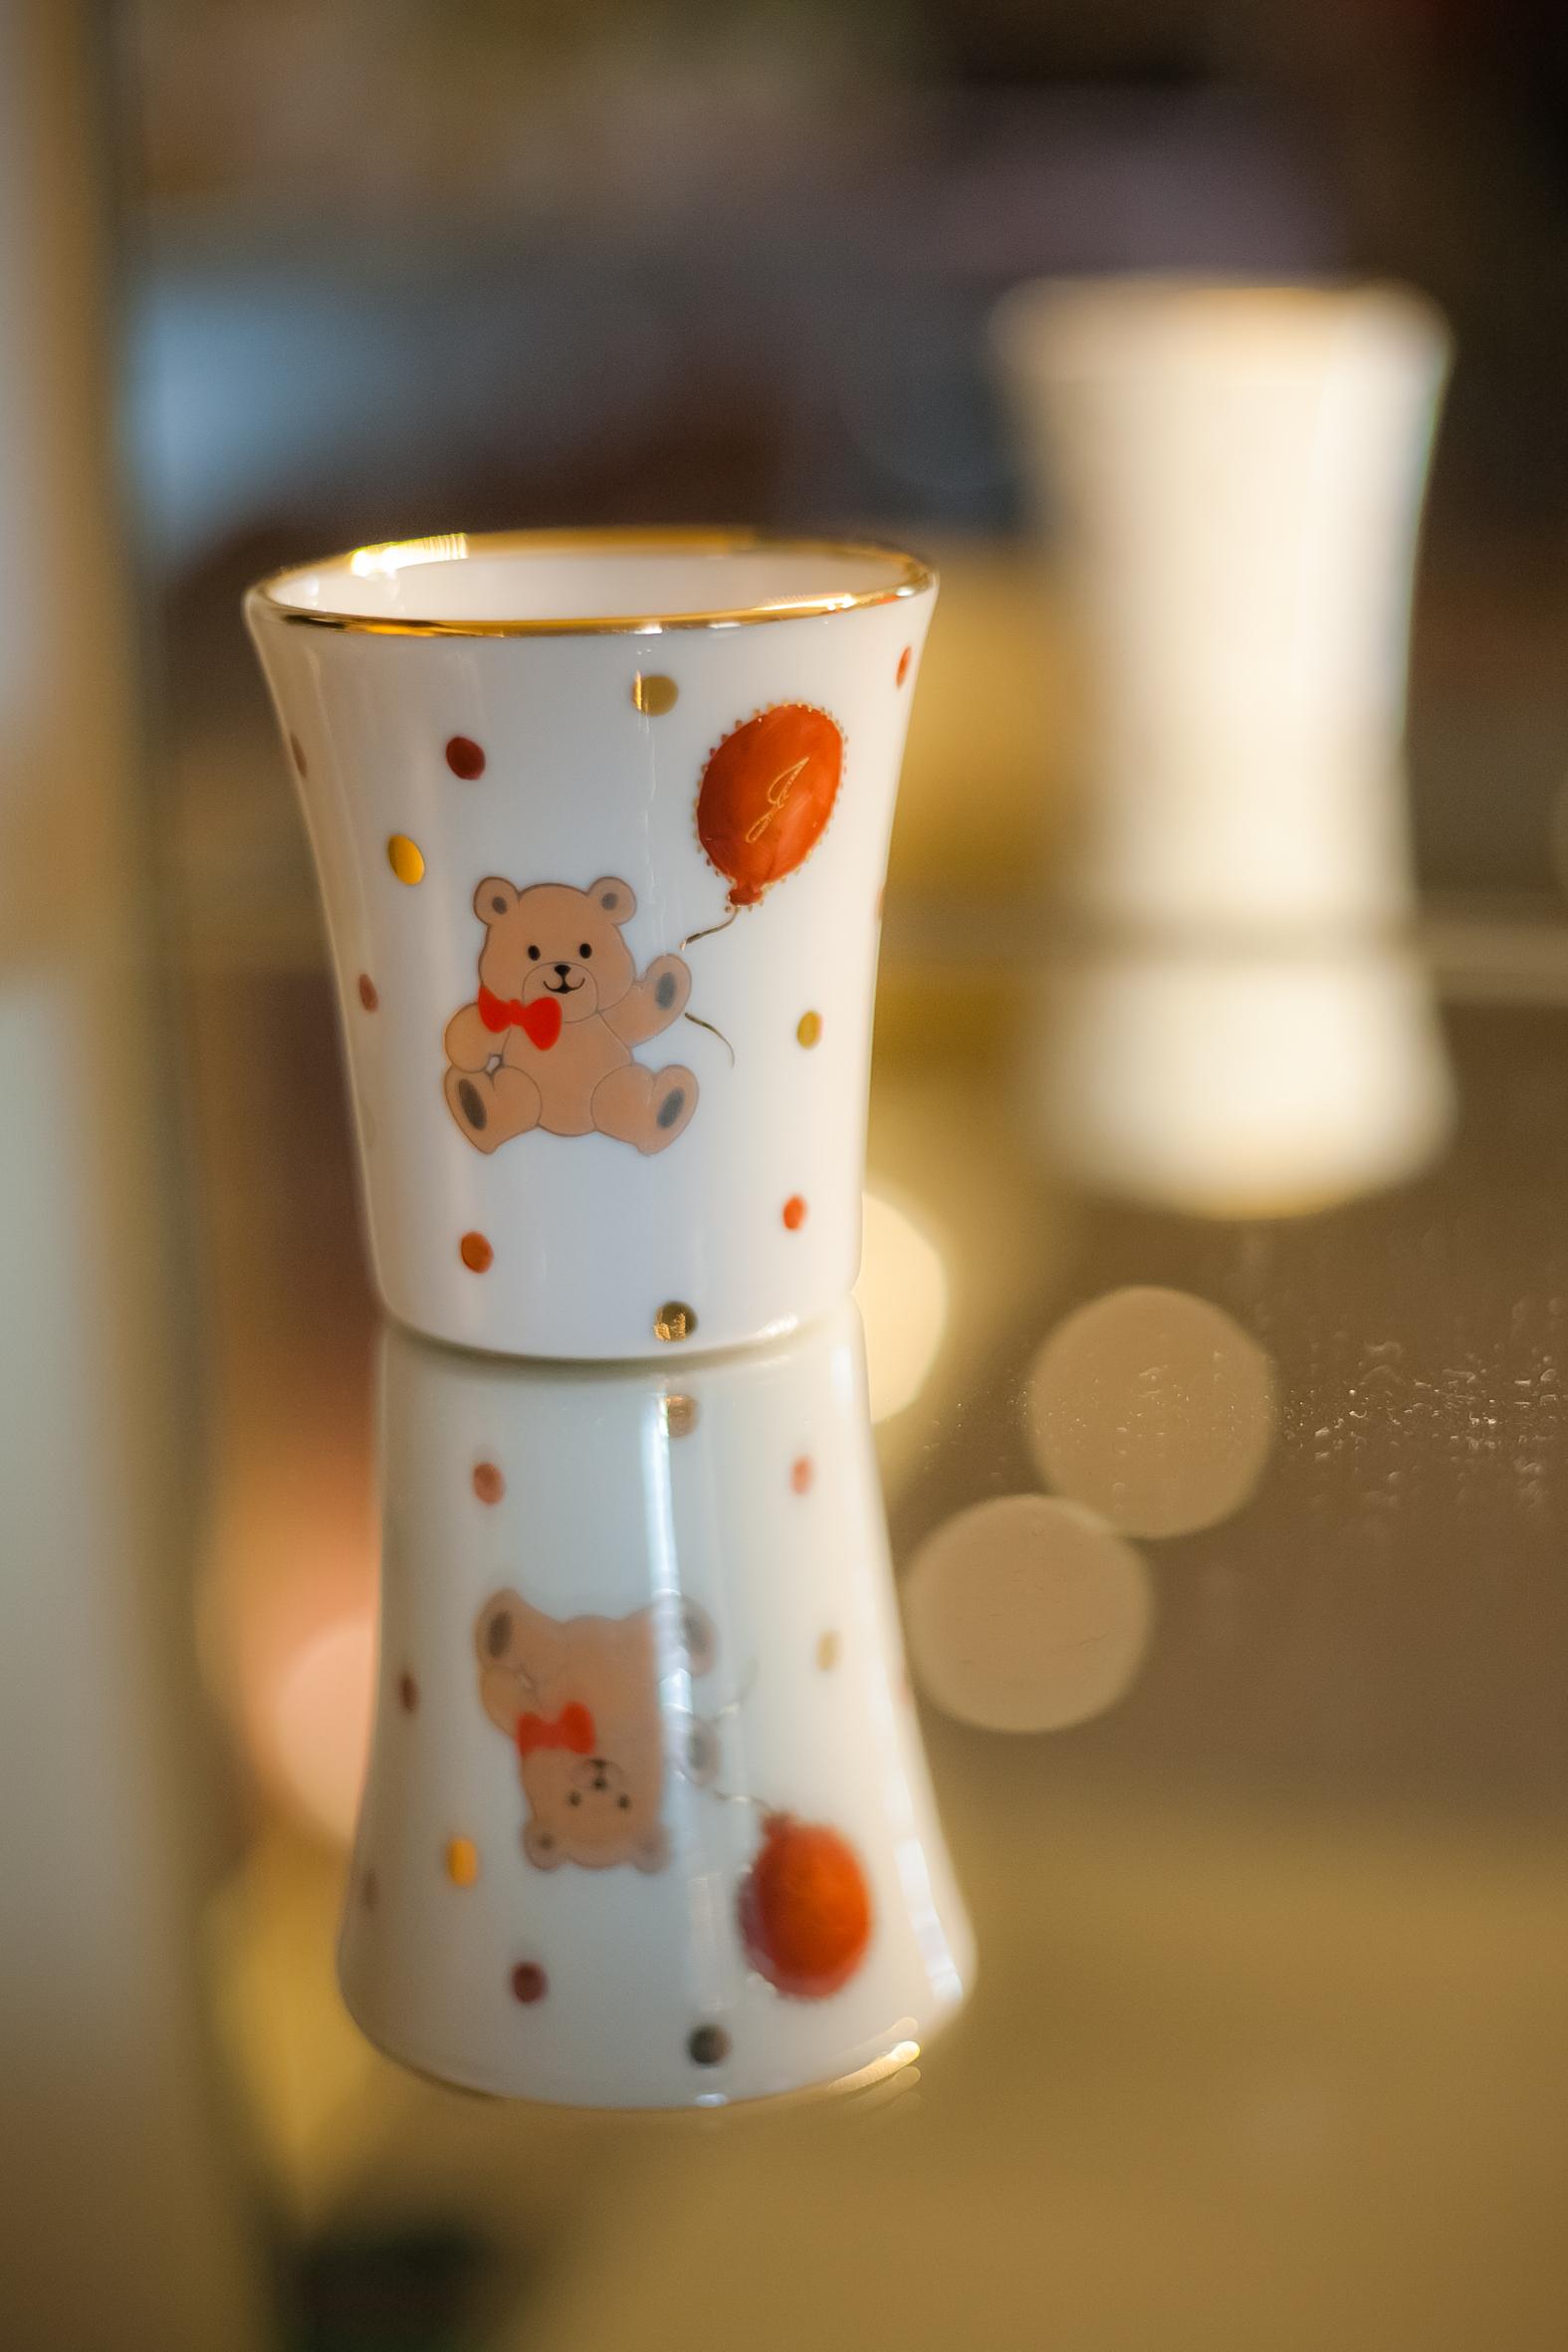 Copo de Porcelana Urso com Balão e Inicial: R$58,50 (valor unitário para 20 peças)